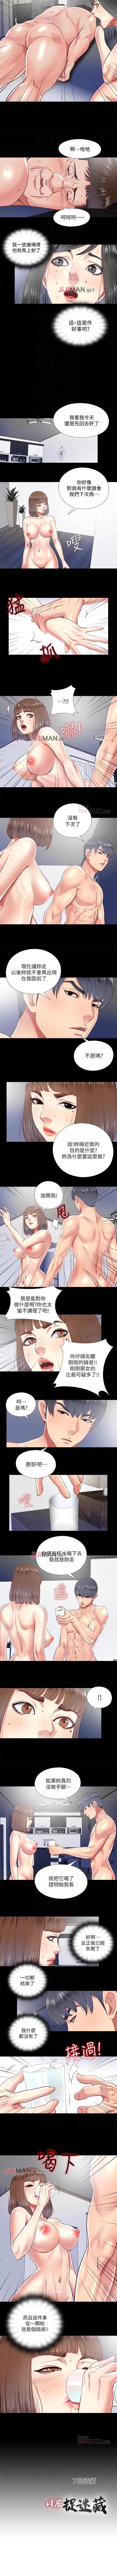 【已完结】同居捉迷藏(作者:林巨星) 第1~30话 110